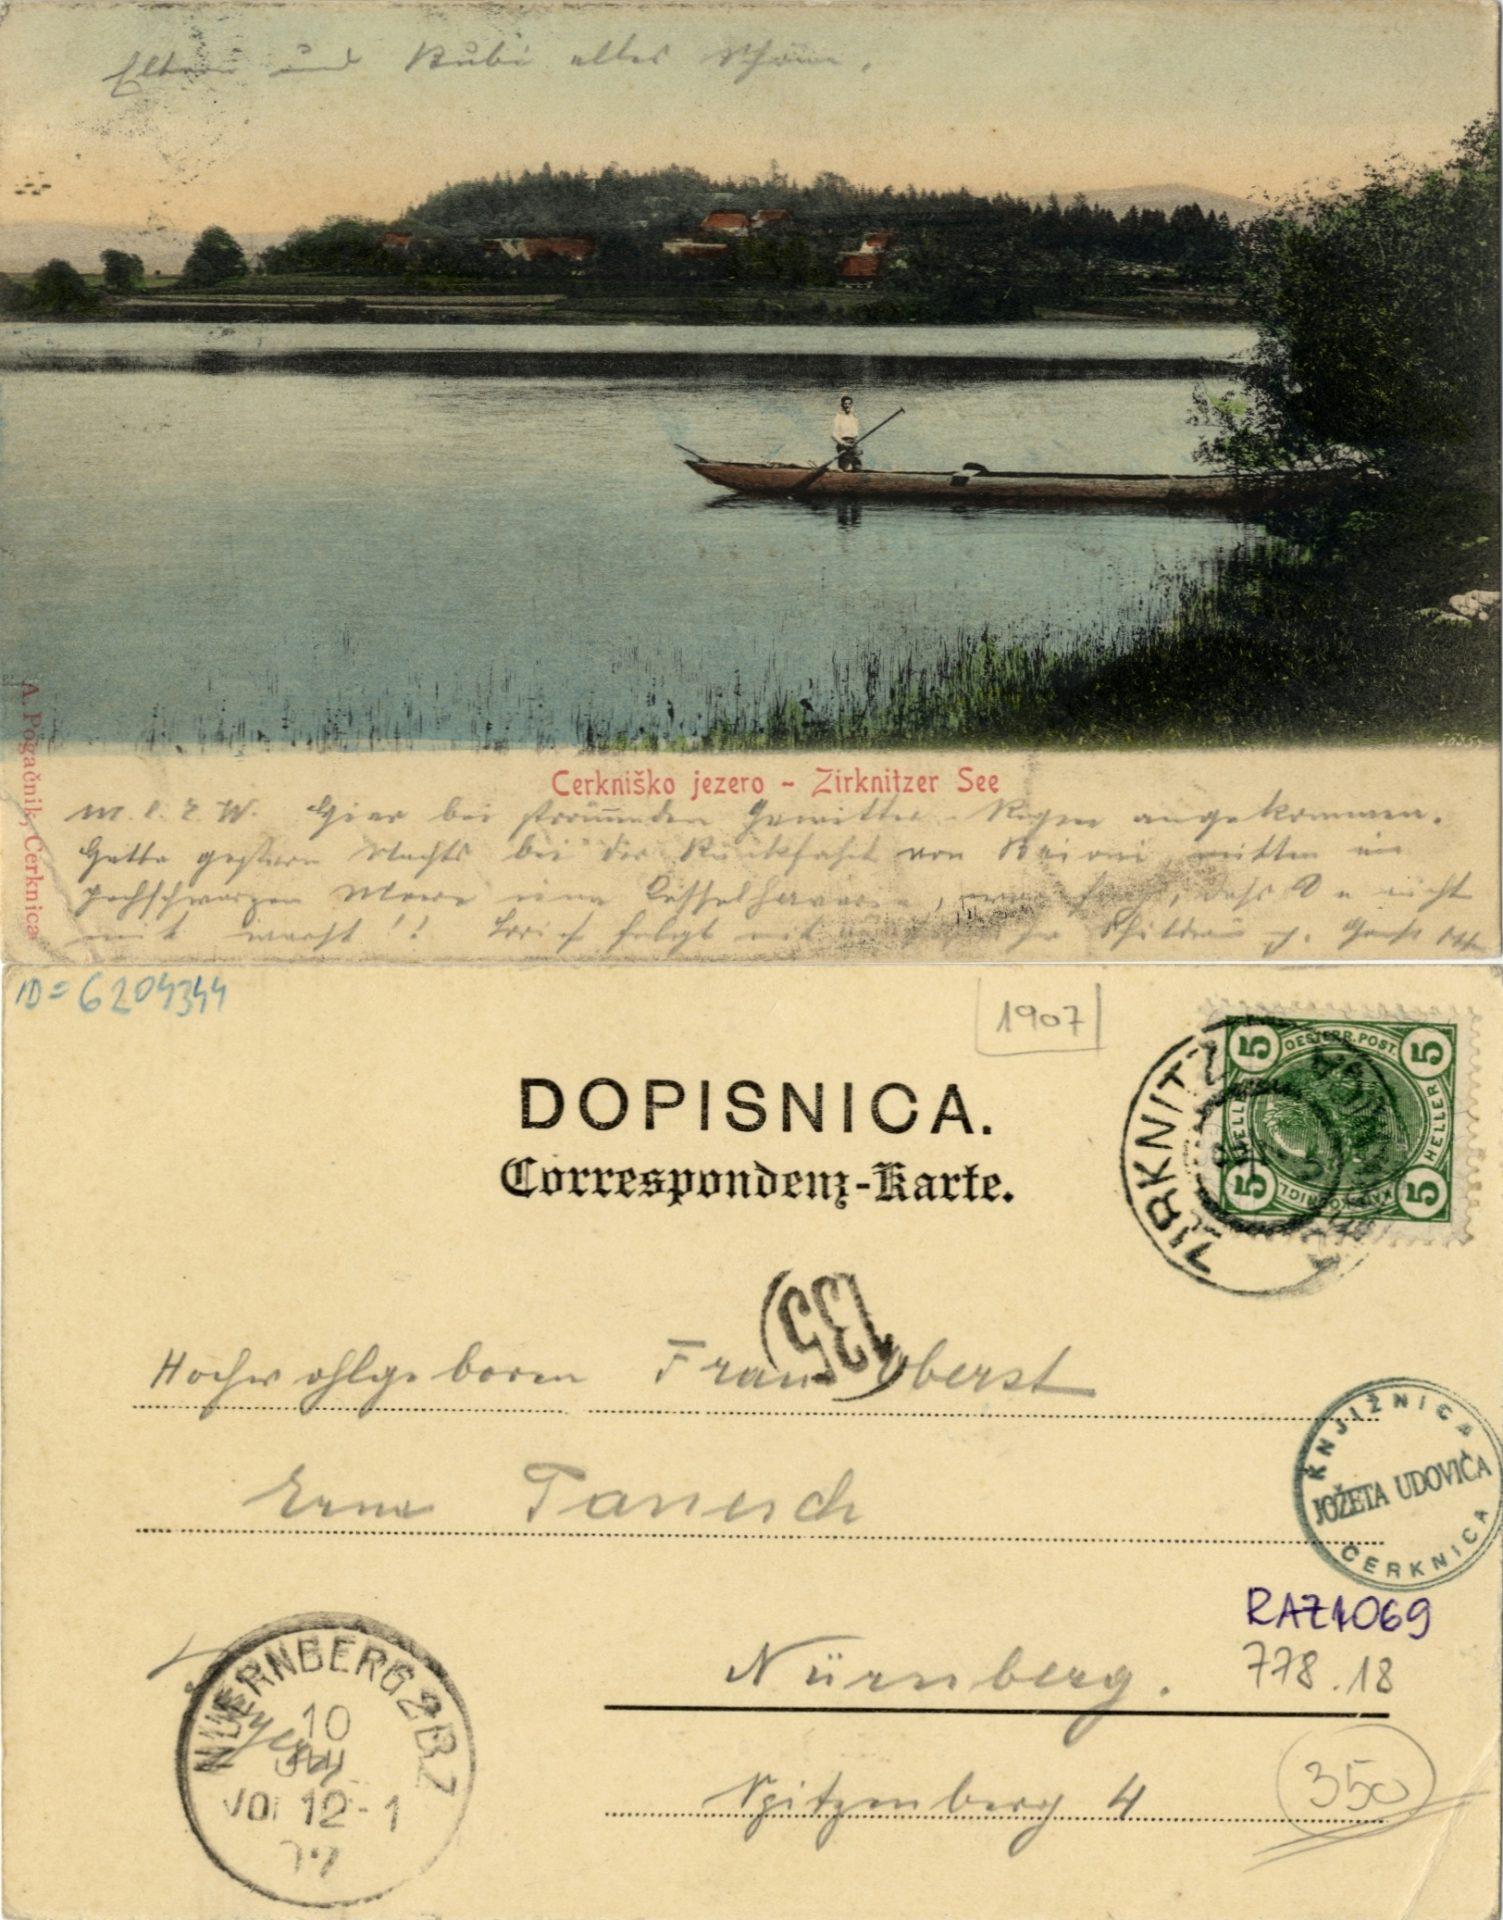 zlimano 5 - Cerkniško jezero